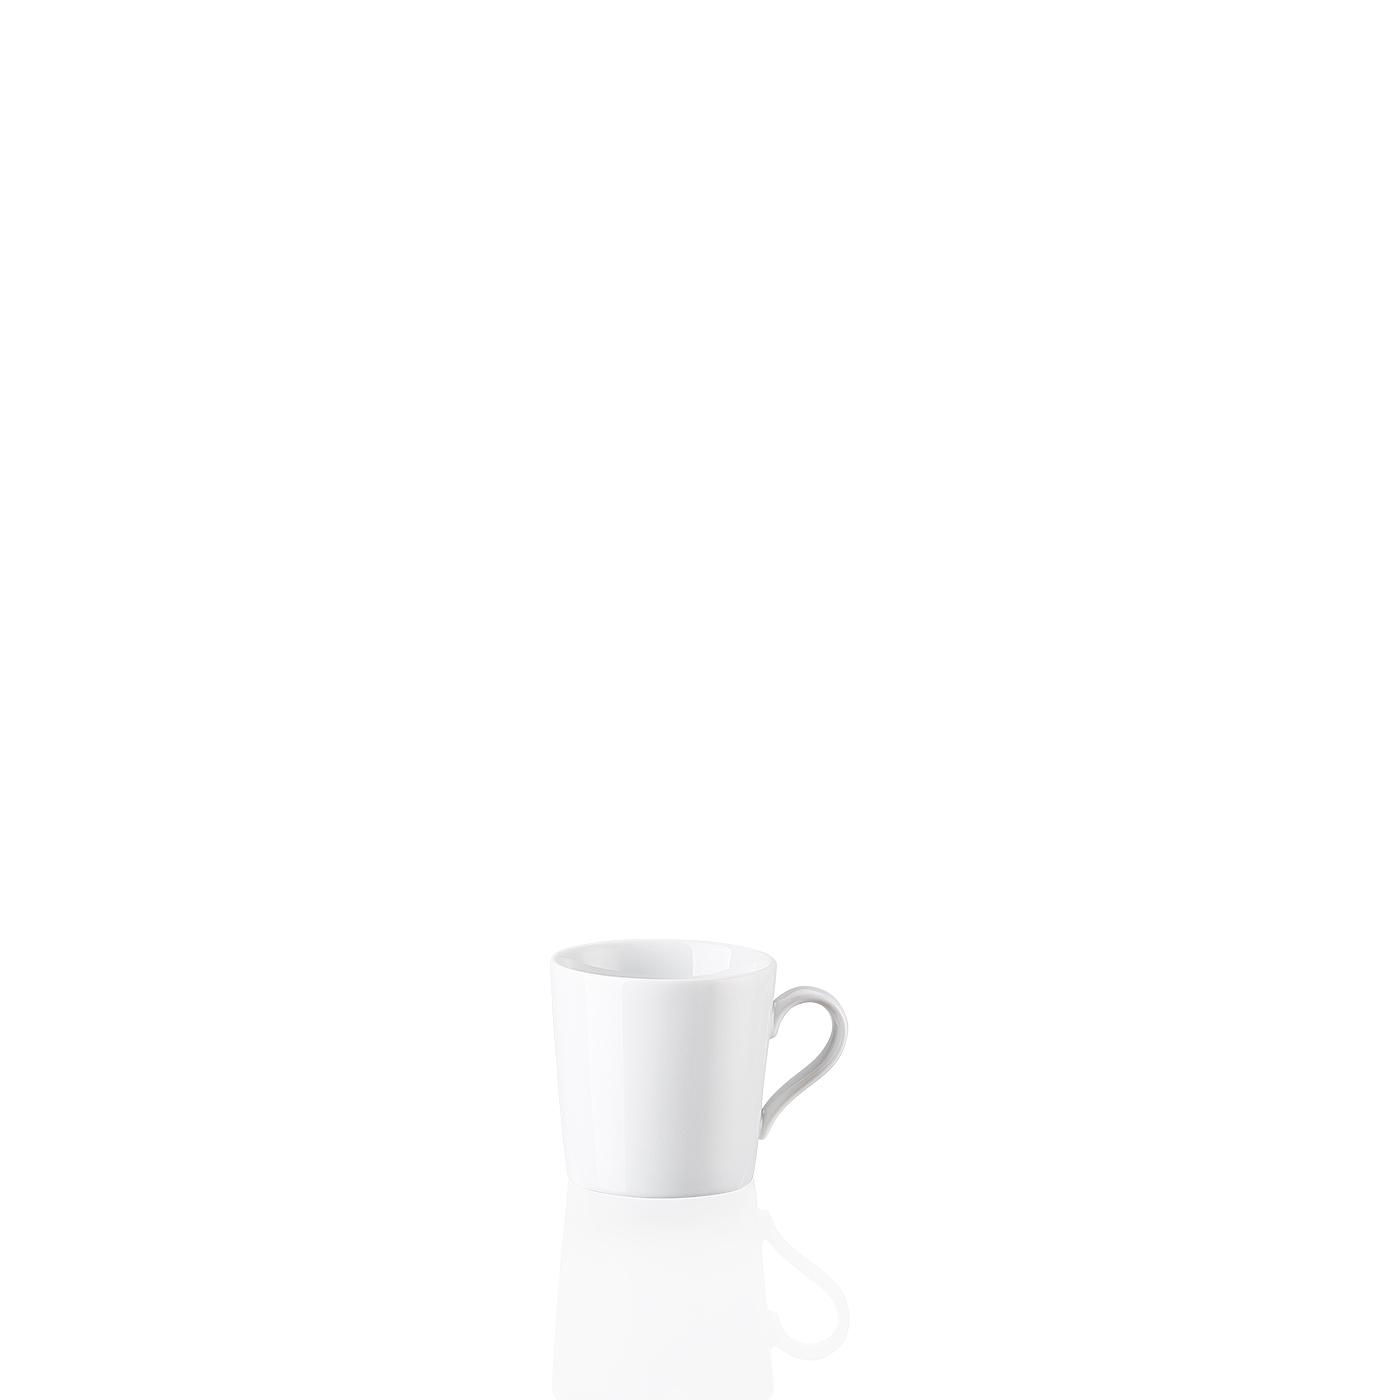 Espresso-/Mokka-Obertasse Tric Weiss Arzberg